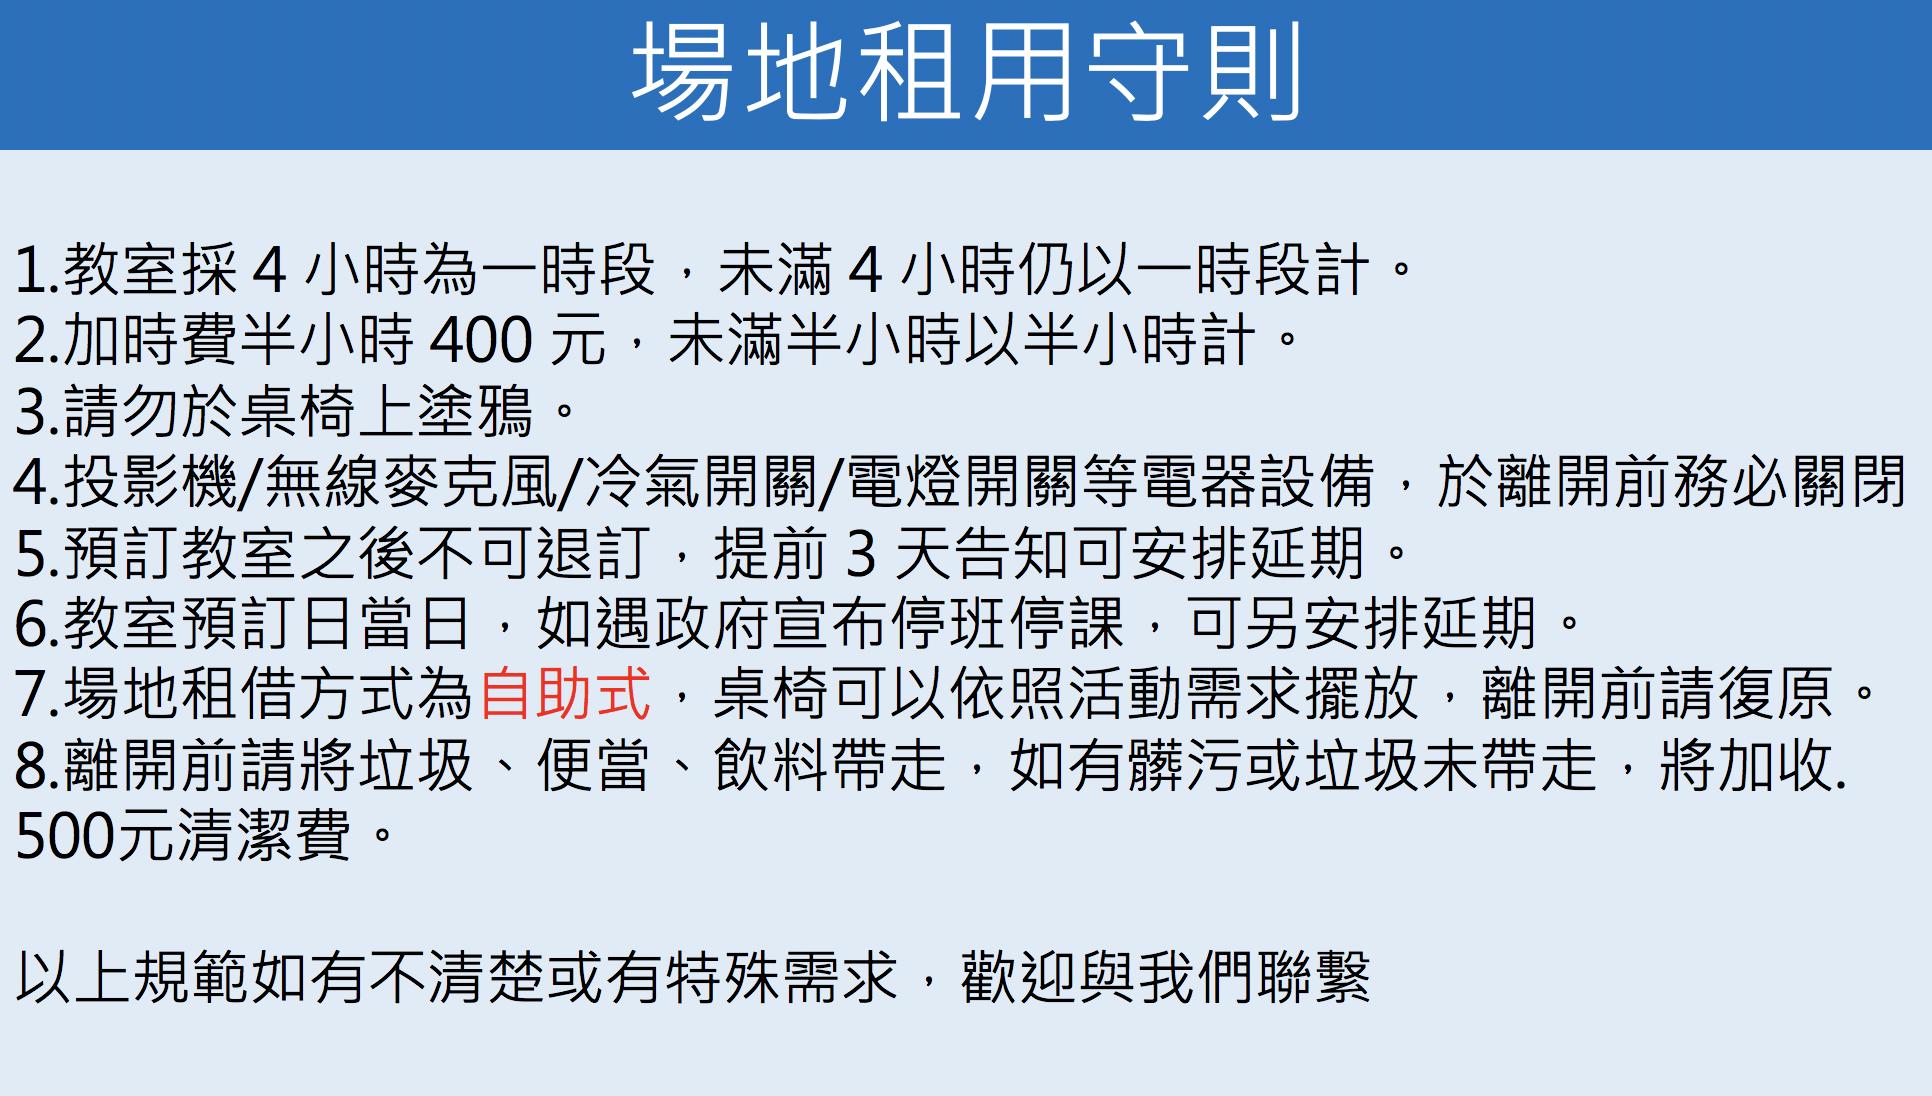 台中火車站85大樓教室租借/場地租用規則